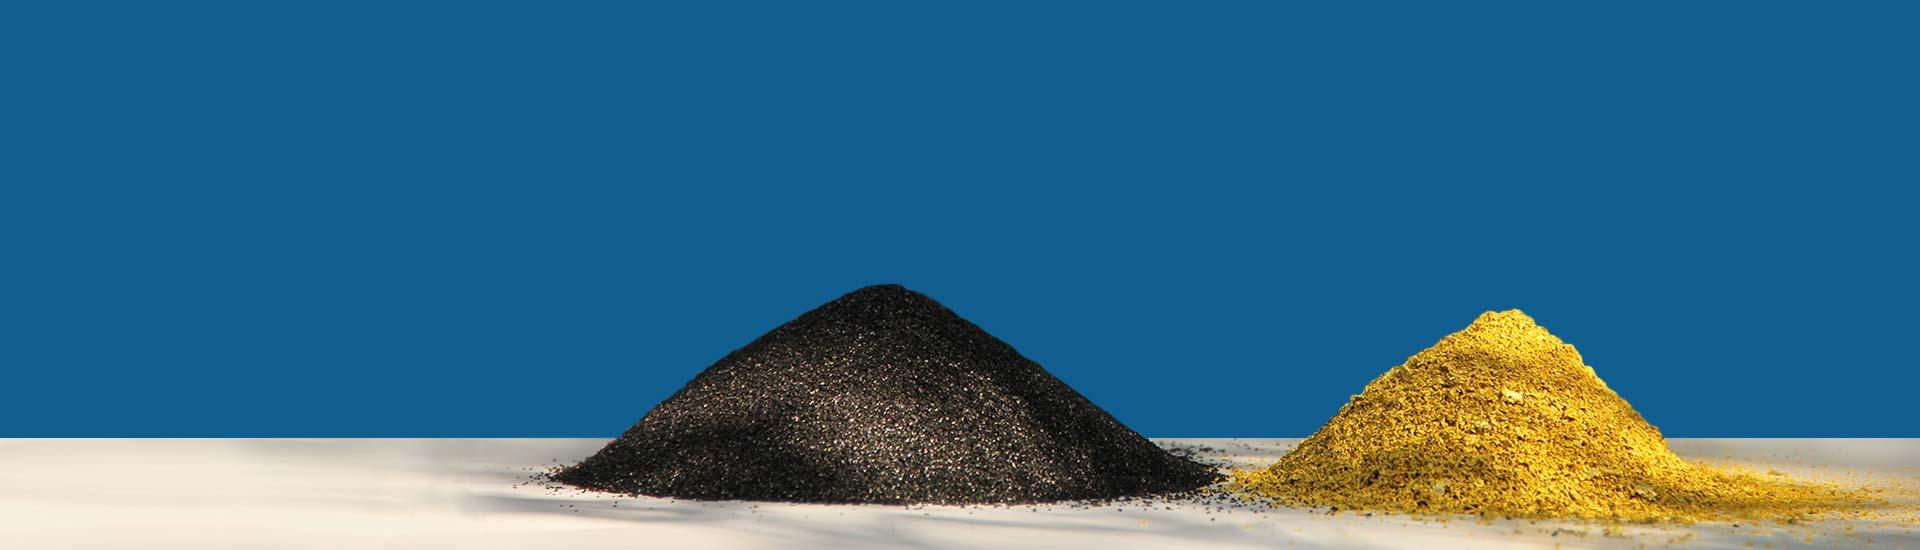 high-quailty-filter-components21